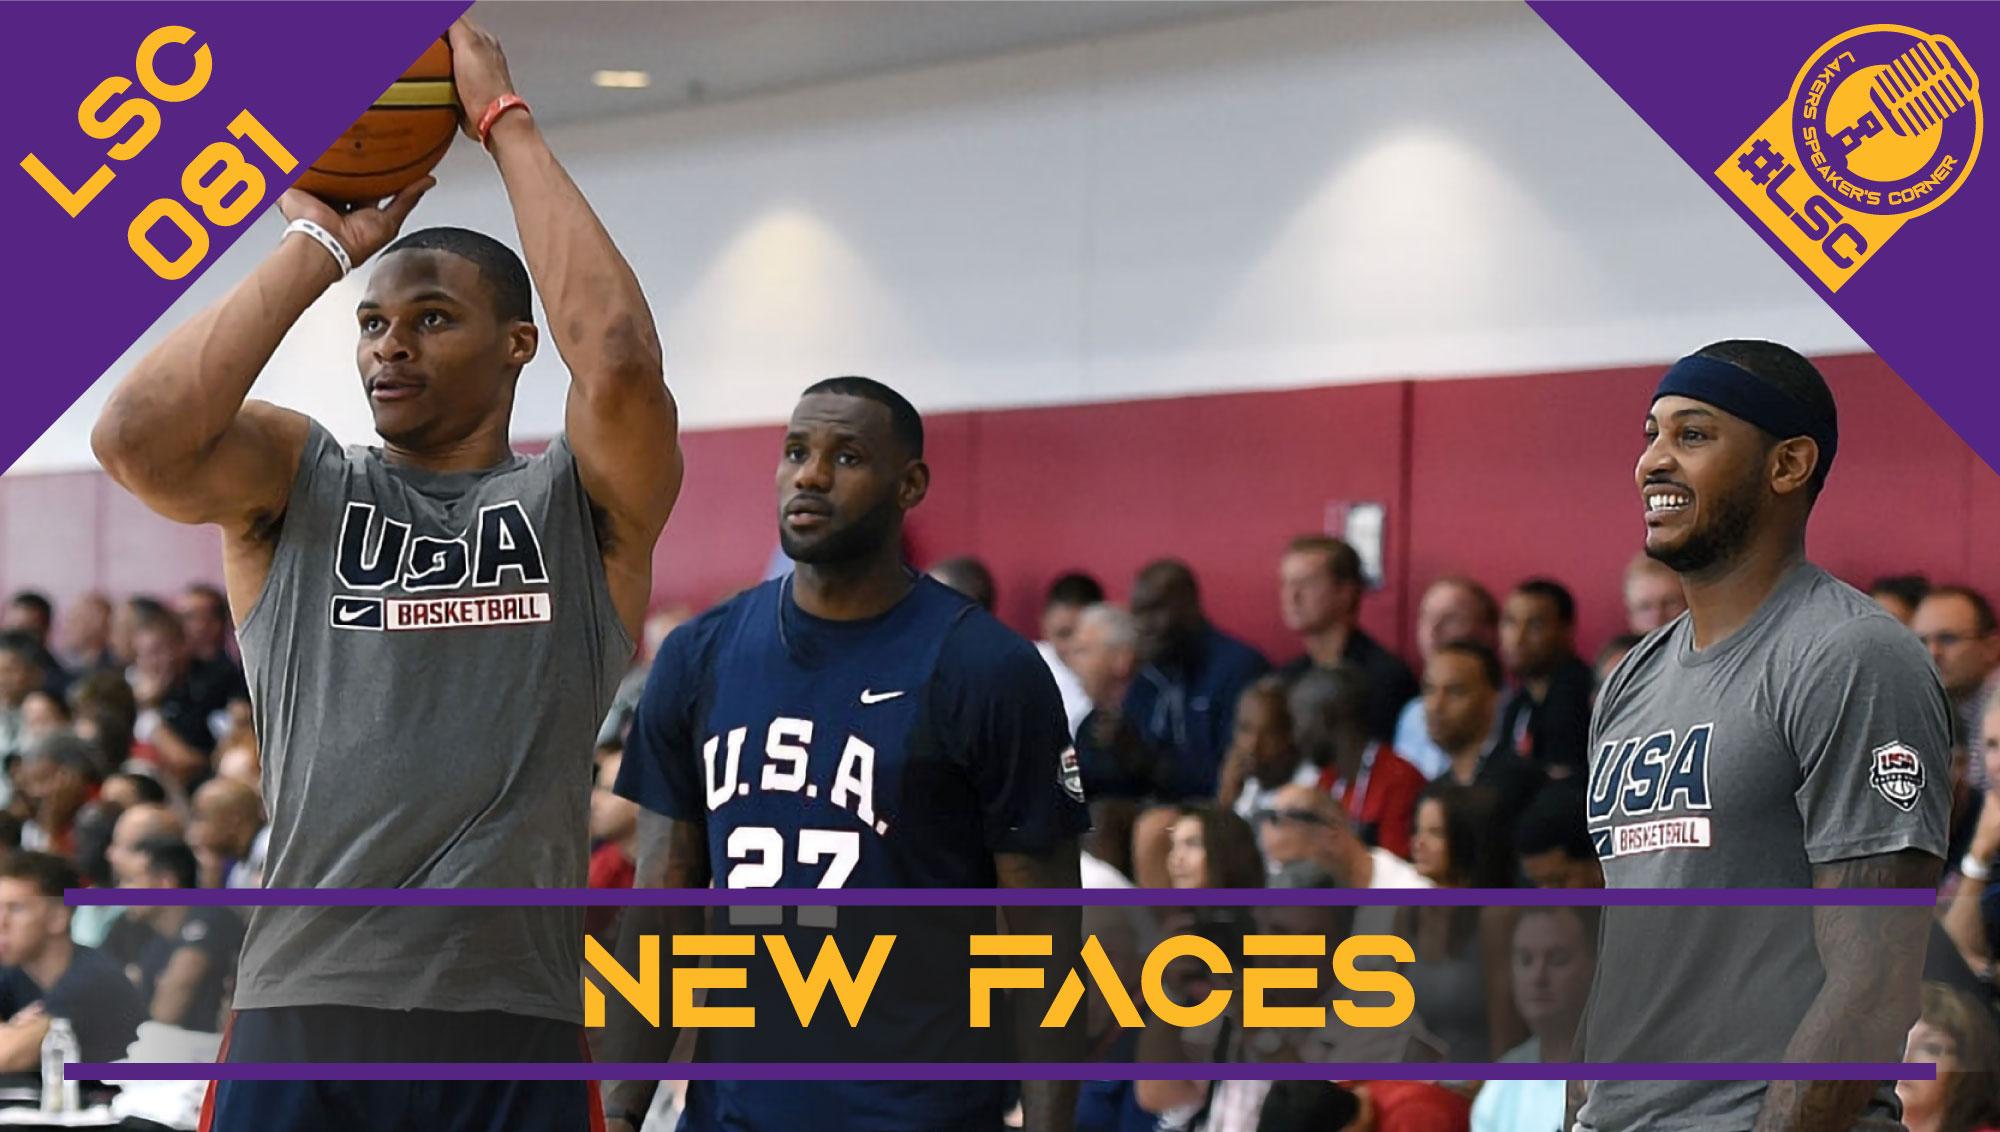 La ricca free agency dei Los Angeles Lakers, le nostre aspettative sul roster della prossima stagione e un saluto ad Alex Caruso.